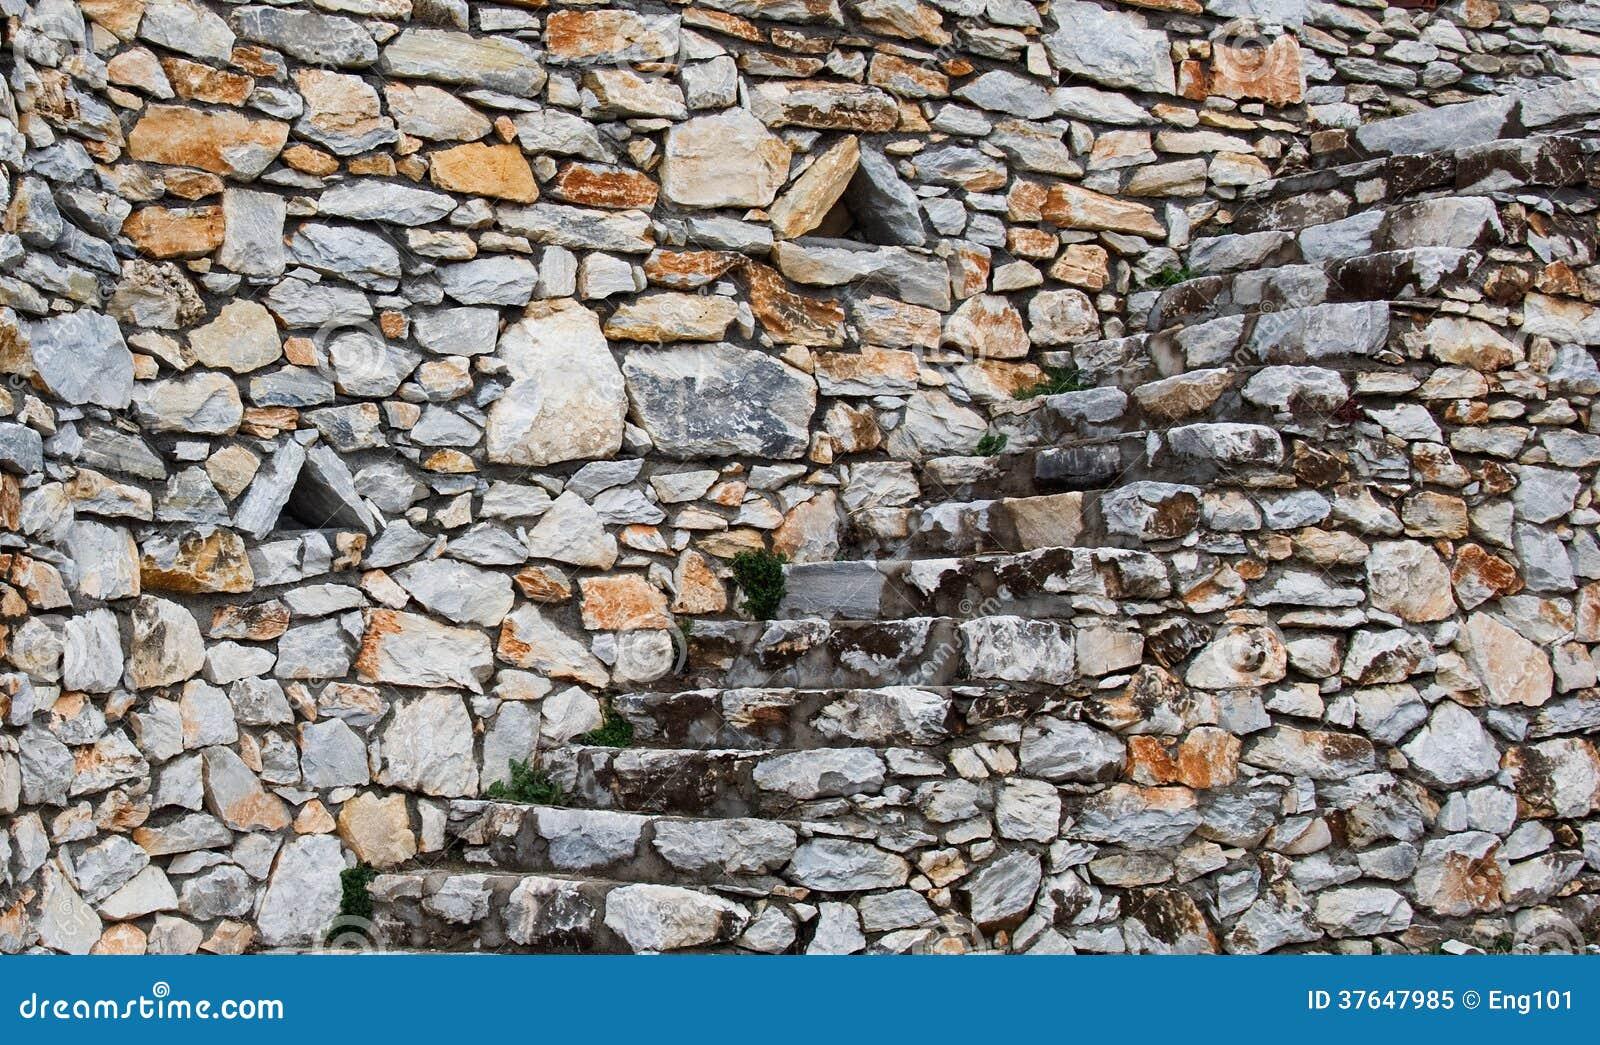 Muro de piedra natural de la escalera y de contenci n - Muro de piedra natural ...